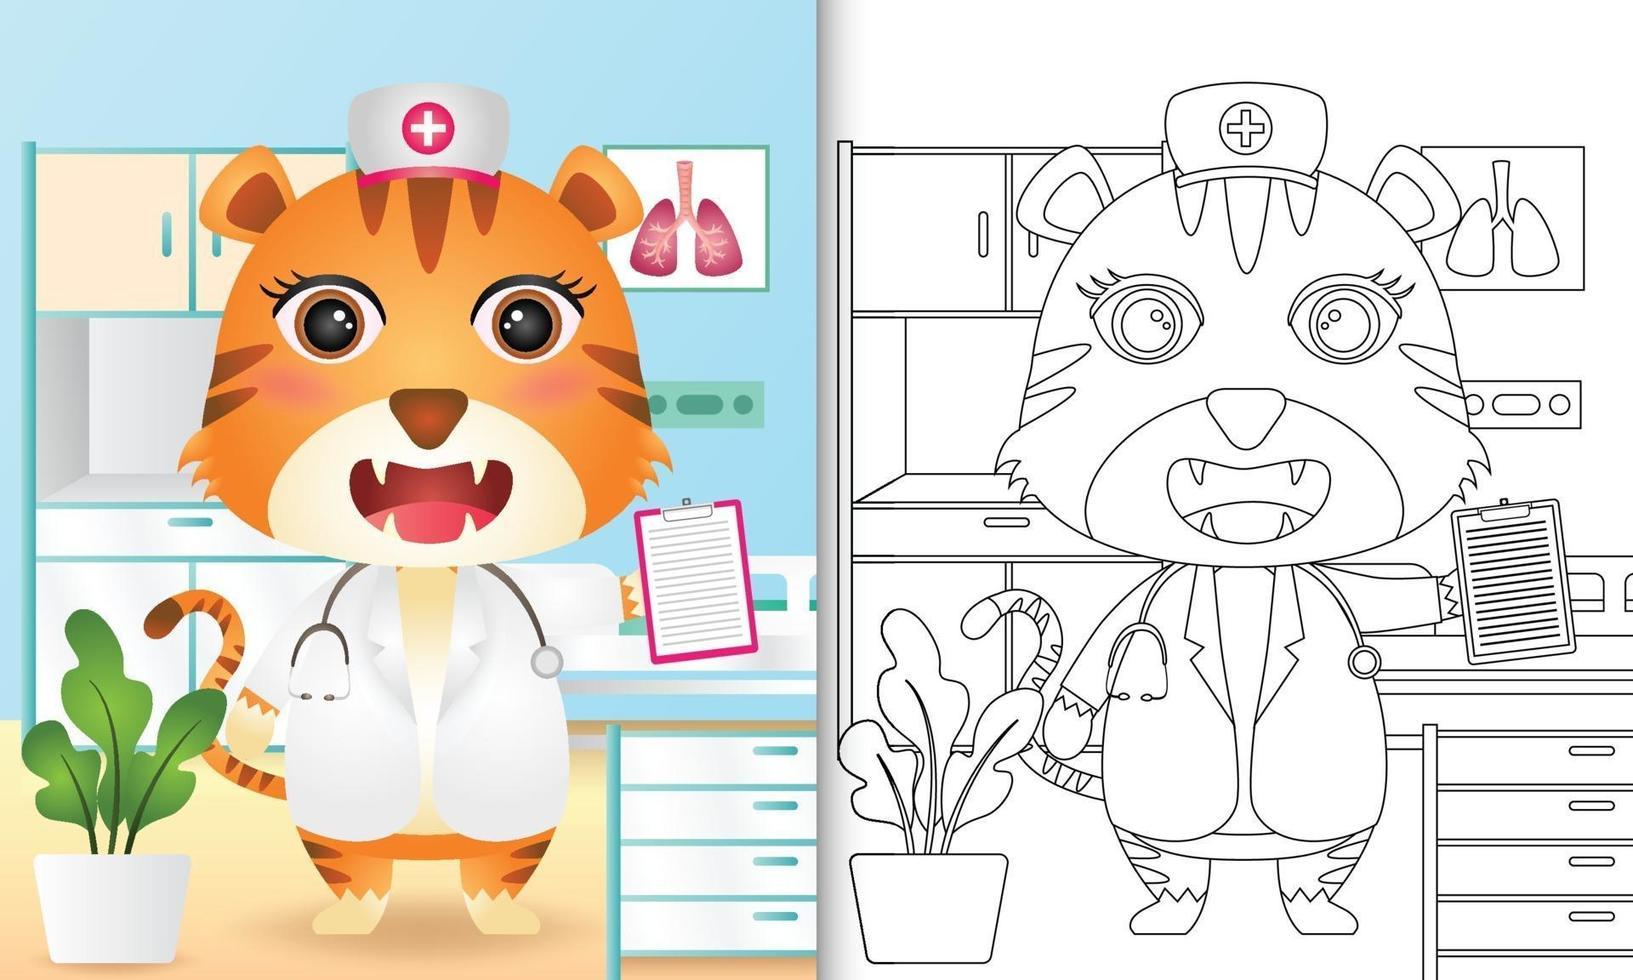 livre de coloriage pour les enfants avec une illustration de personnage mignon infirmière tigre vecteur